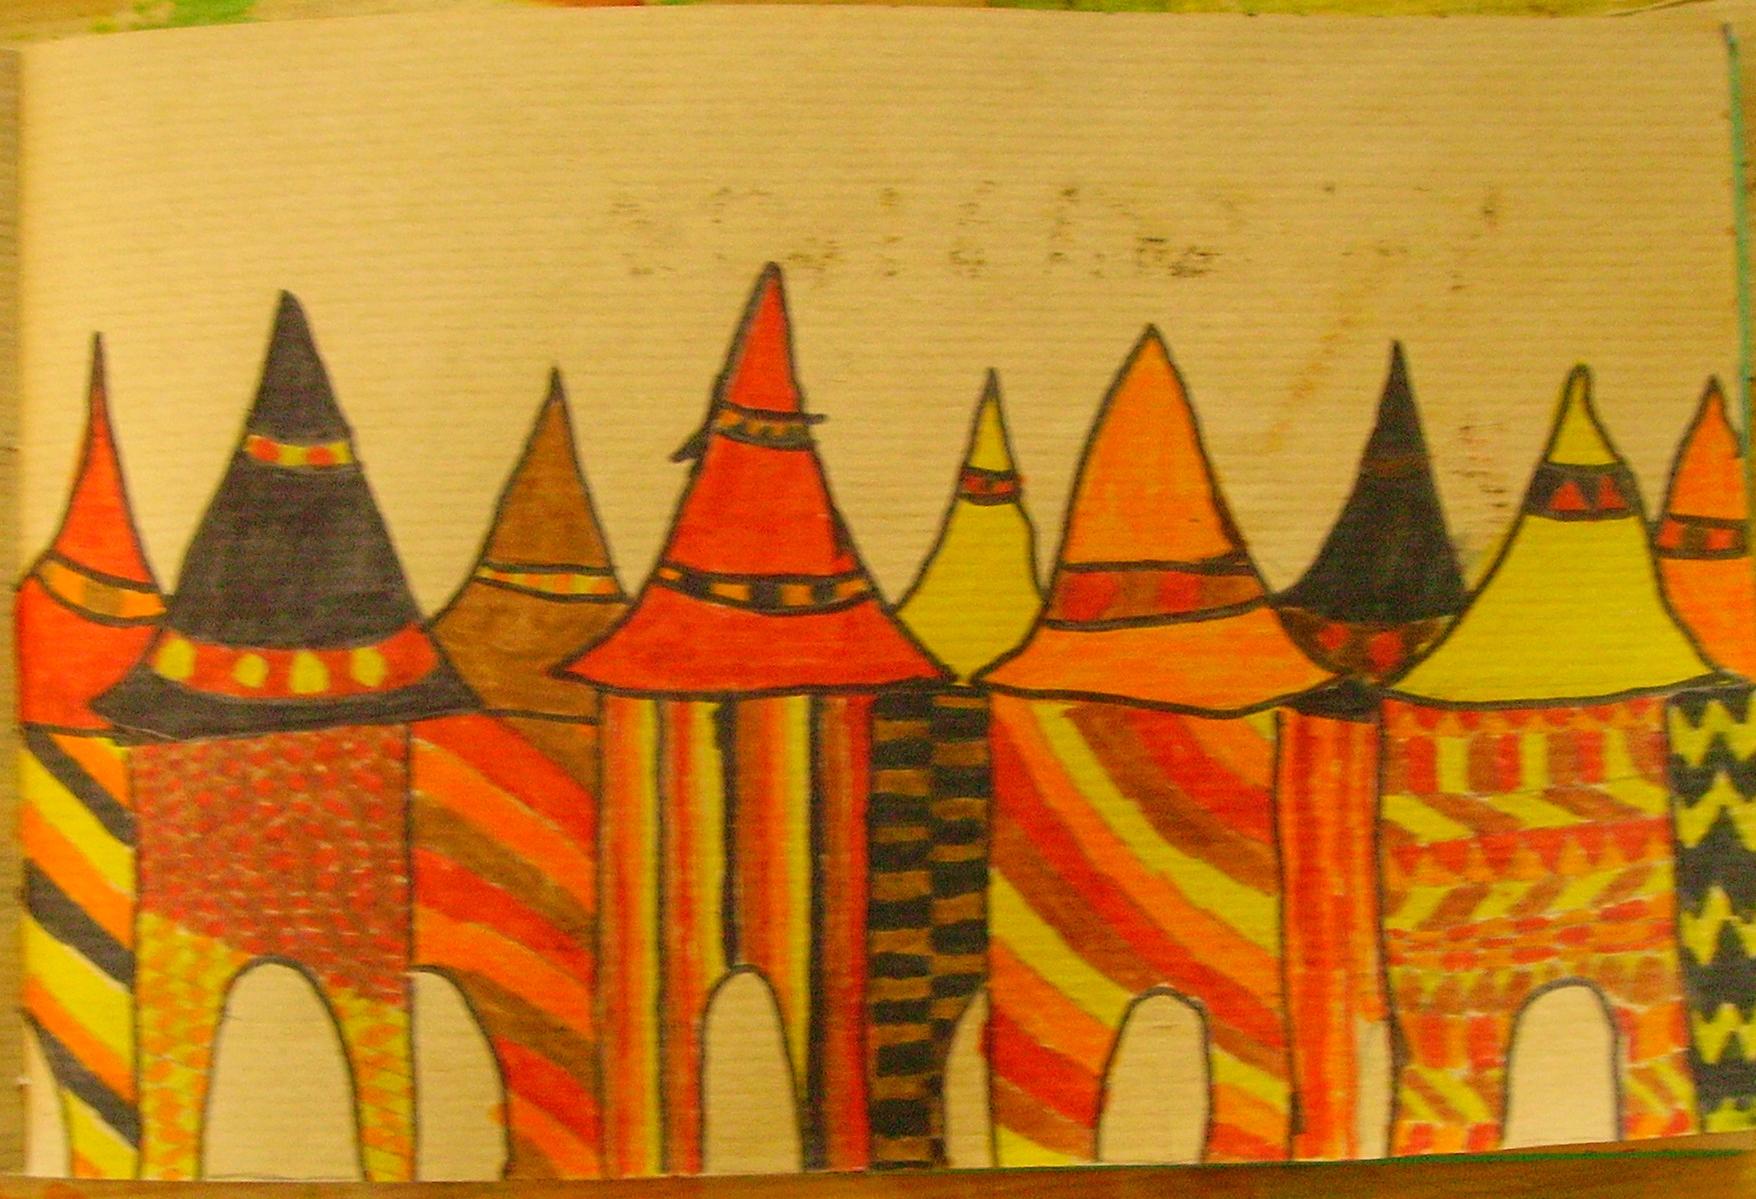 Souvent Arts visuels et Orient - L'enfance de l'art LD95